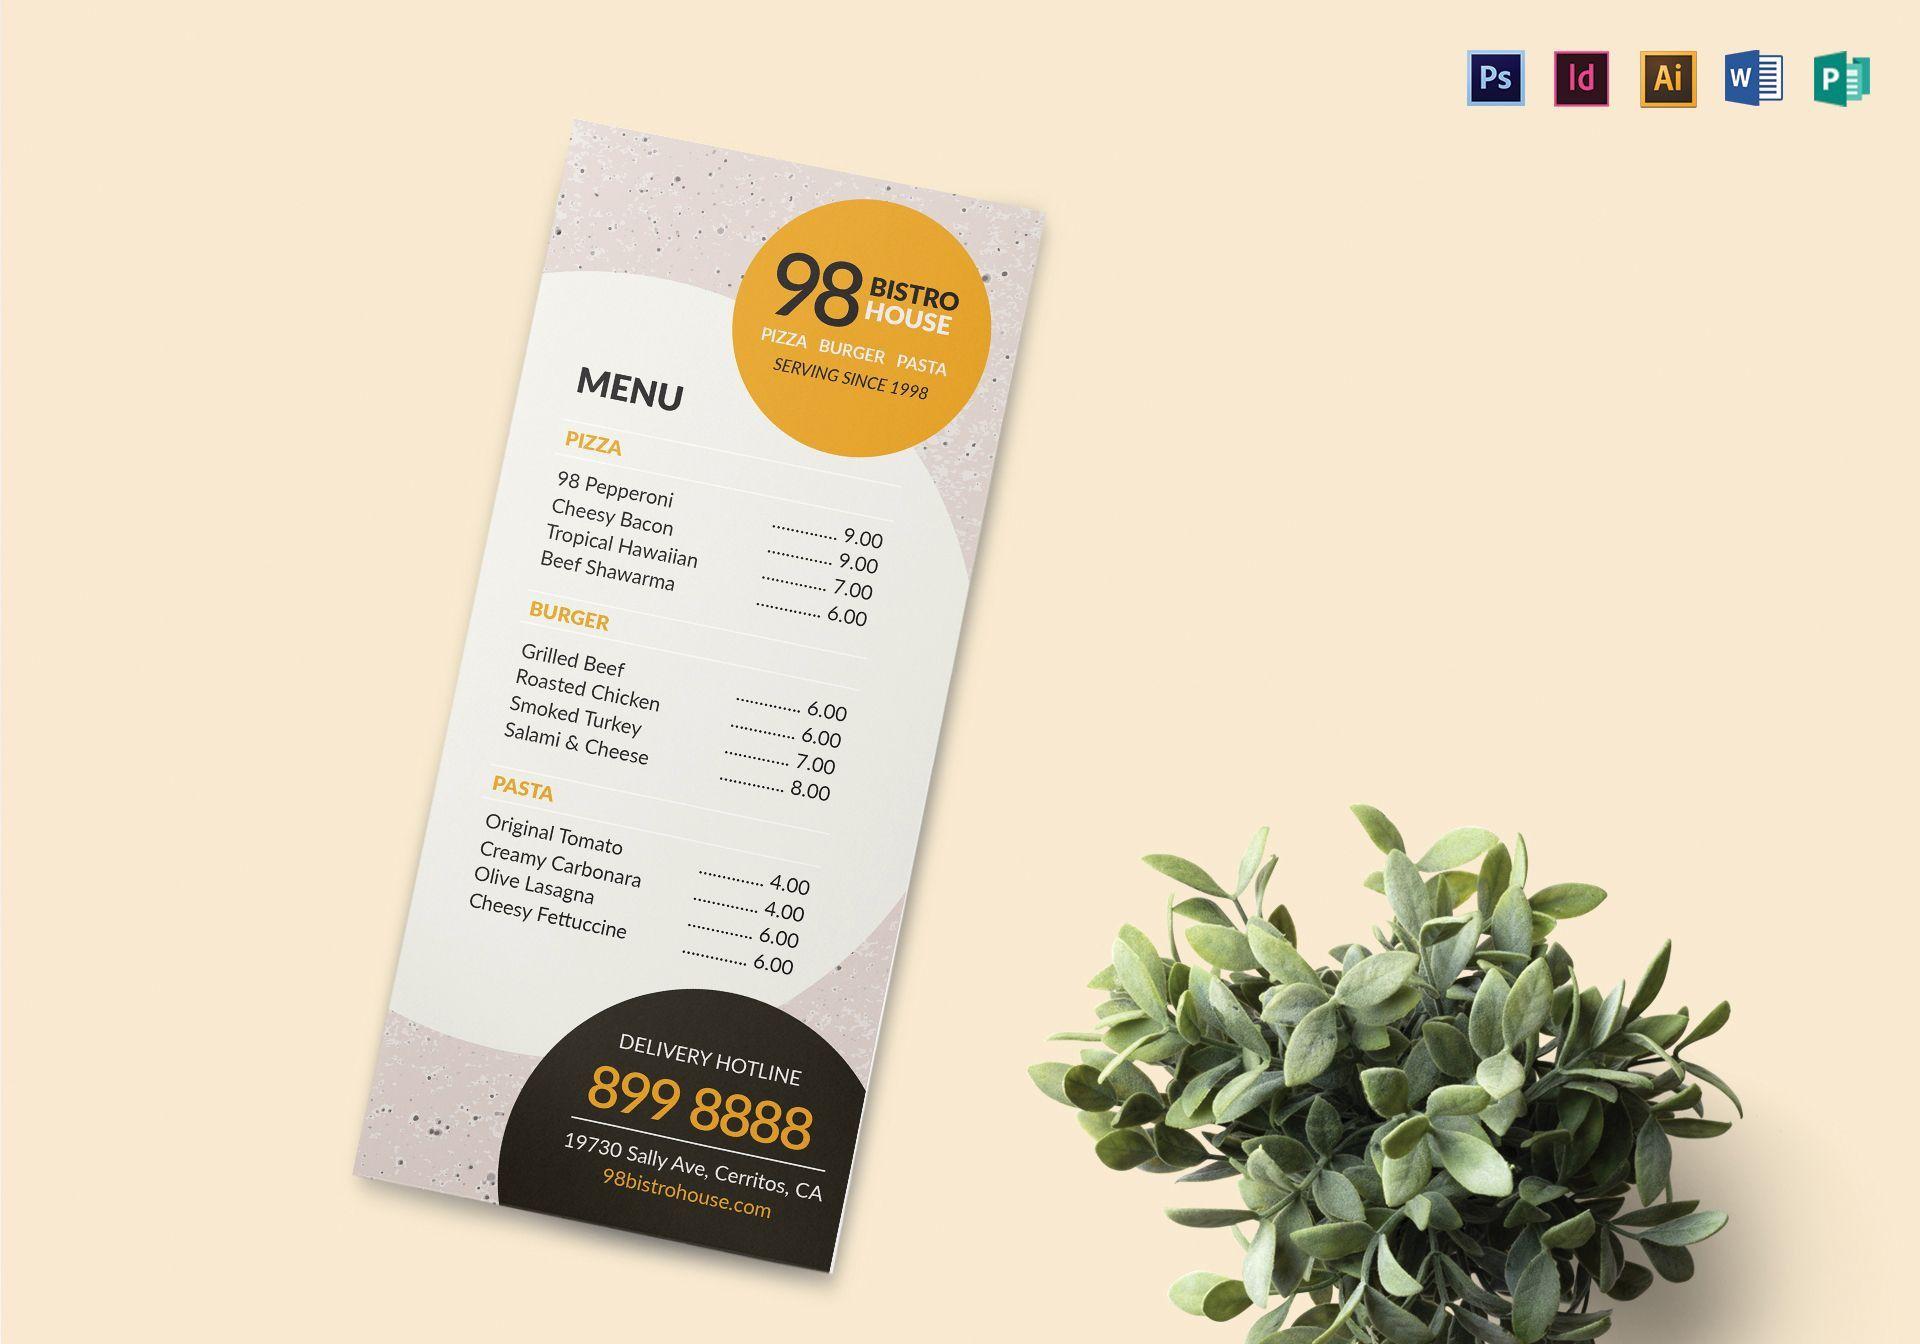 005 Shocking Take Out Menu Template Photo  Tri Fold Free Word Restaurant AwayFull